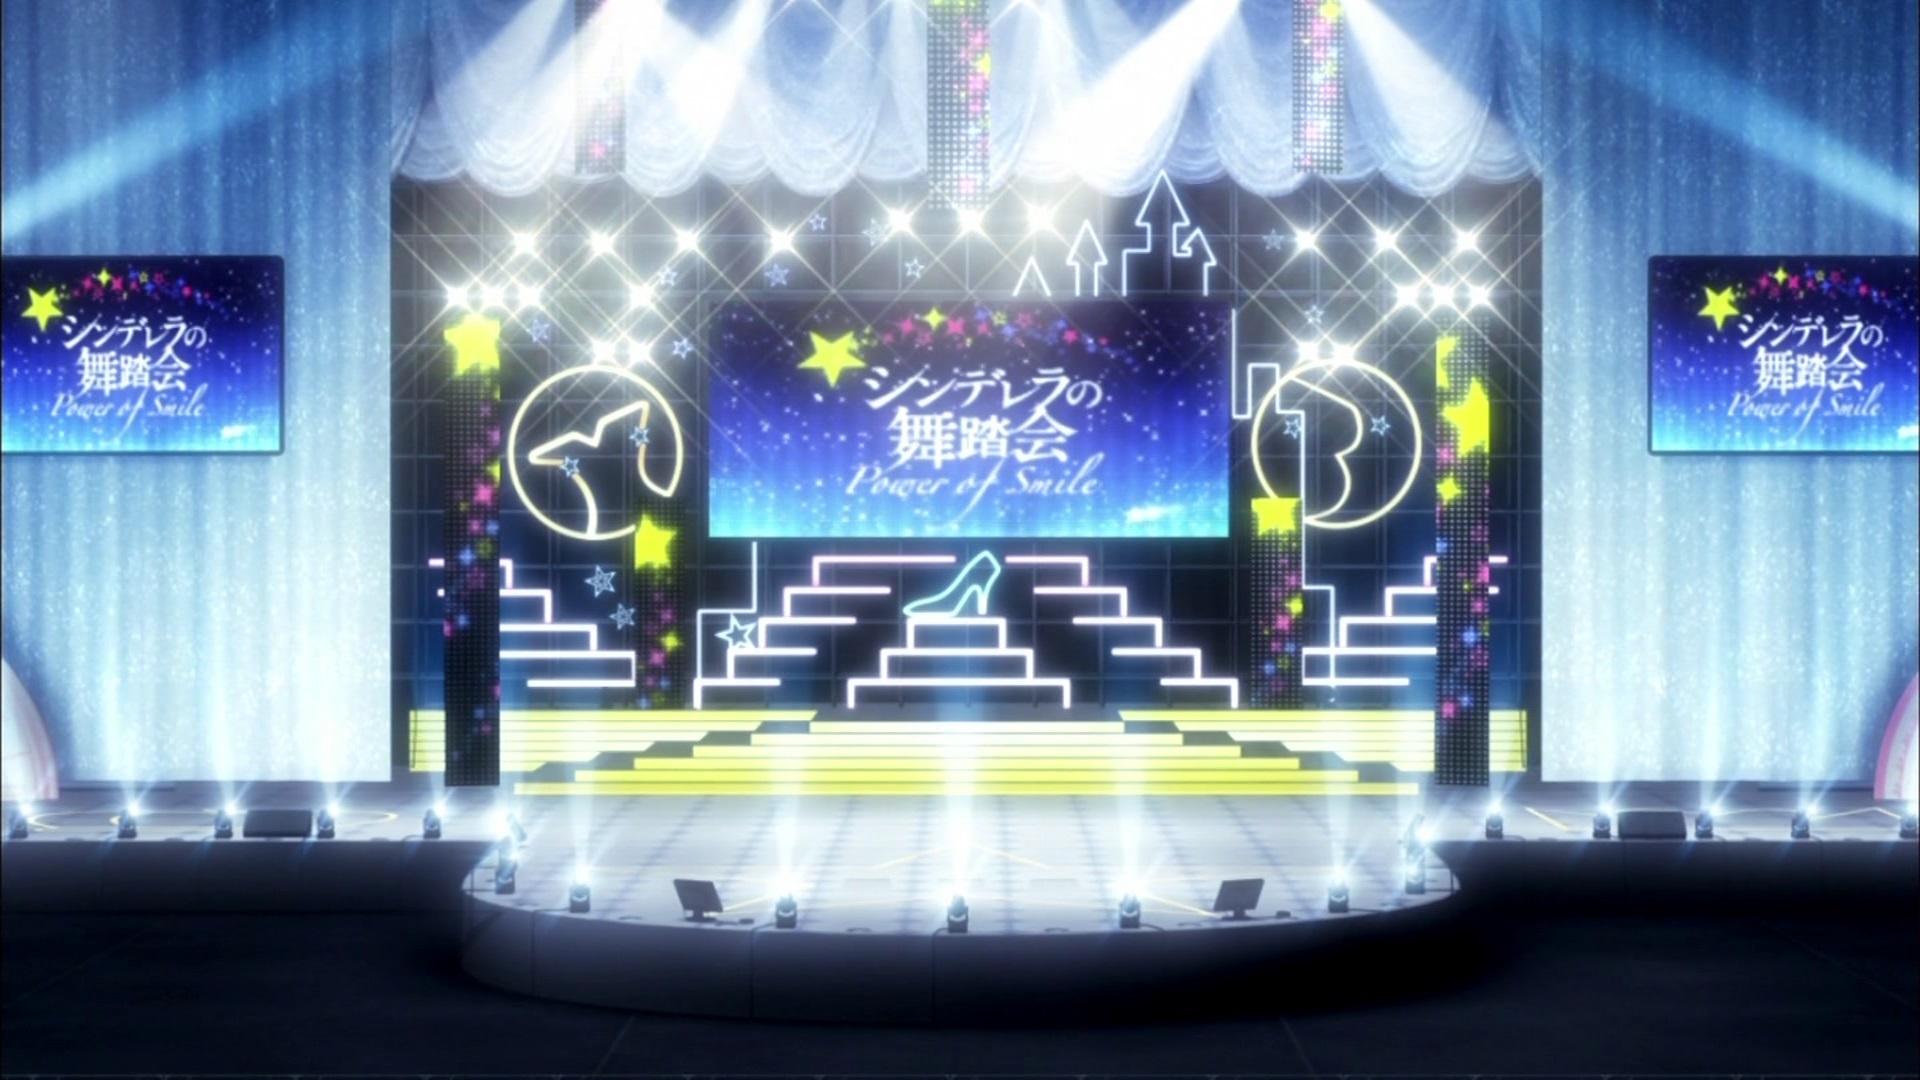 第25話(終) 「Cinderella Girls at the Ball.」